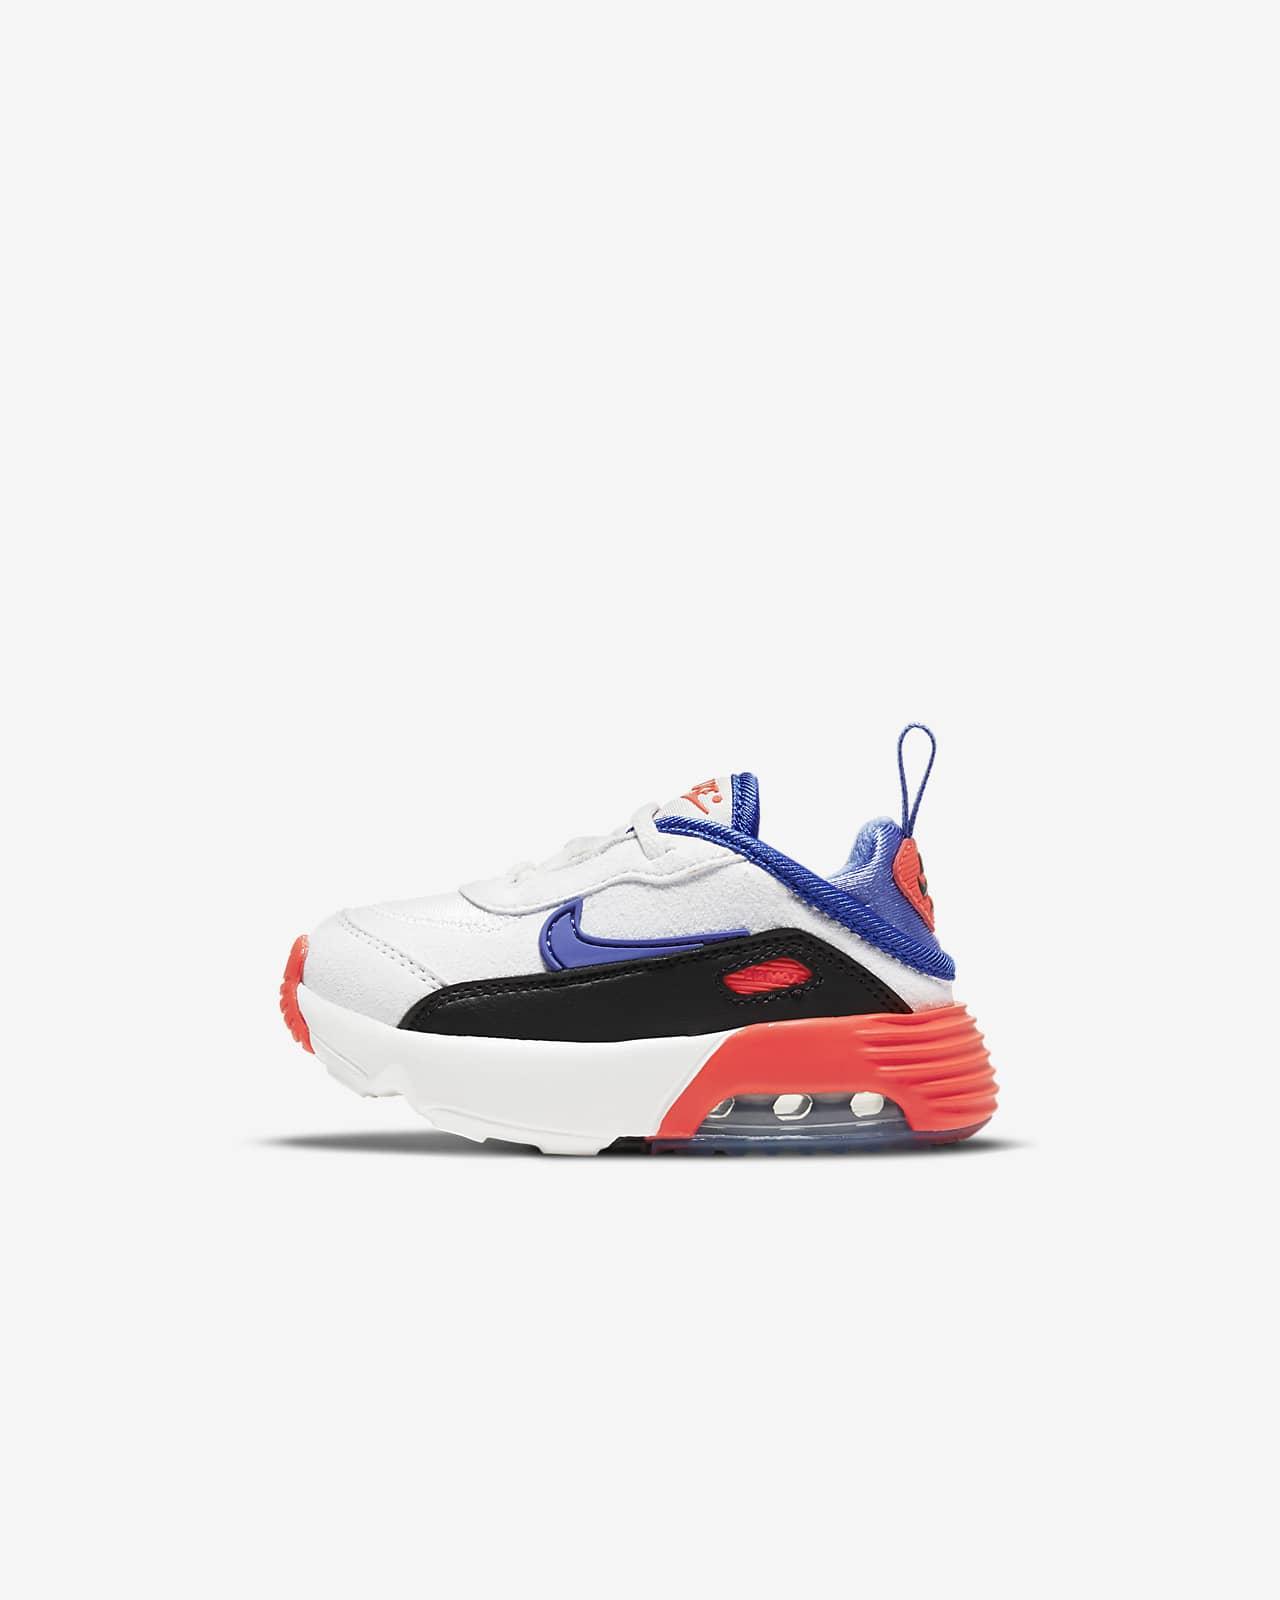 Nike Air Max 2090 EOI sko til sped-/småbarn